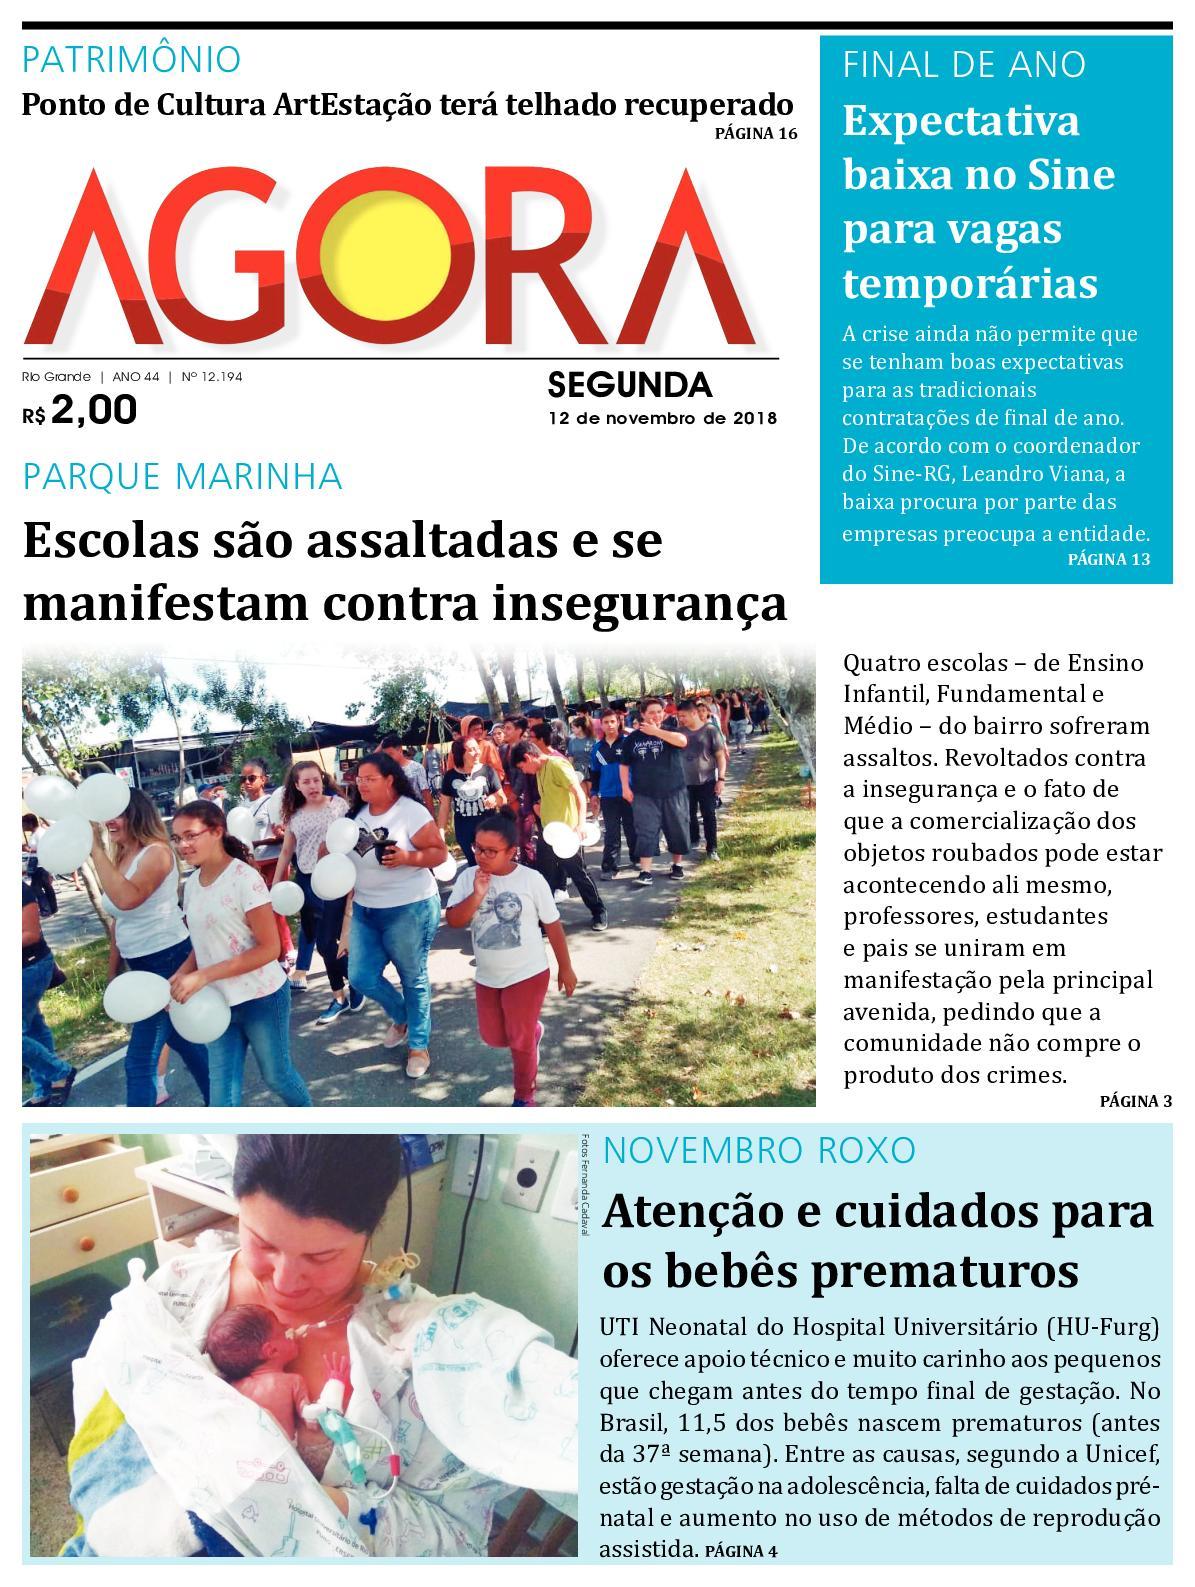 38cabebb38d Calaméo - Jornal Agora - Edição 12194 - 12 de Novembro de 2018